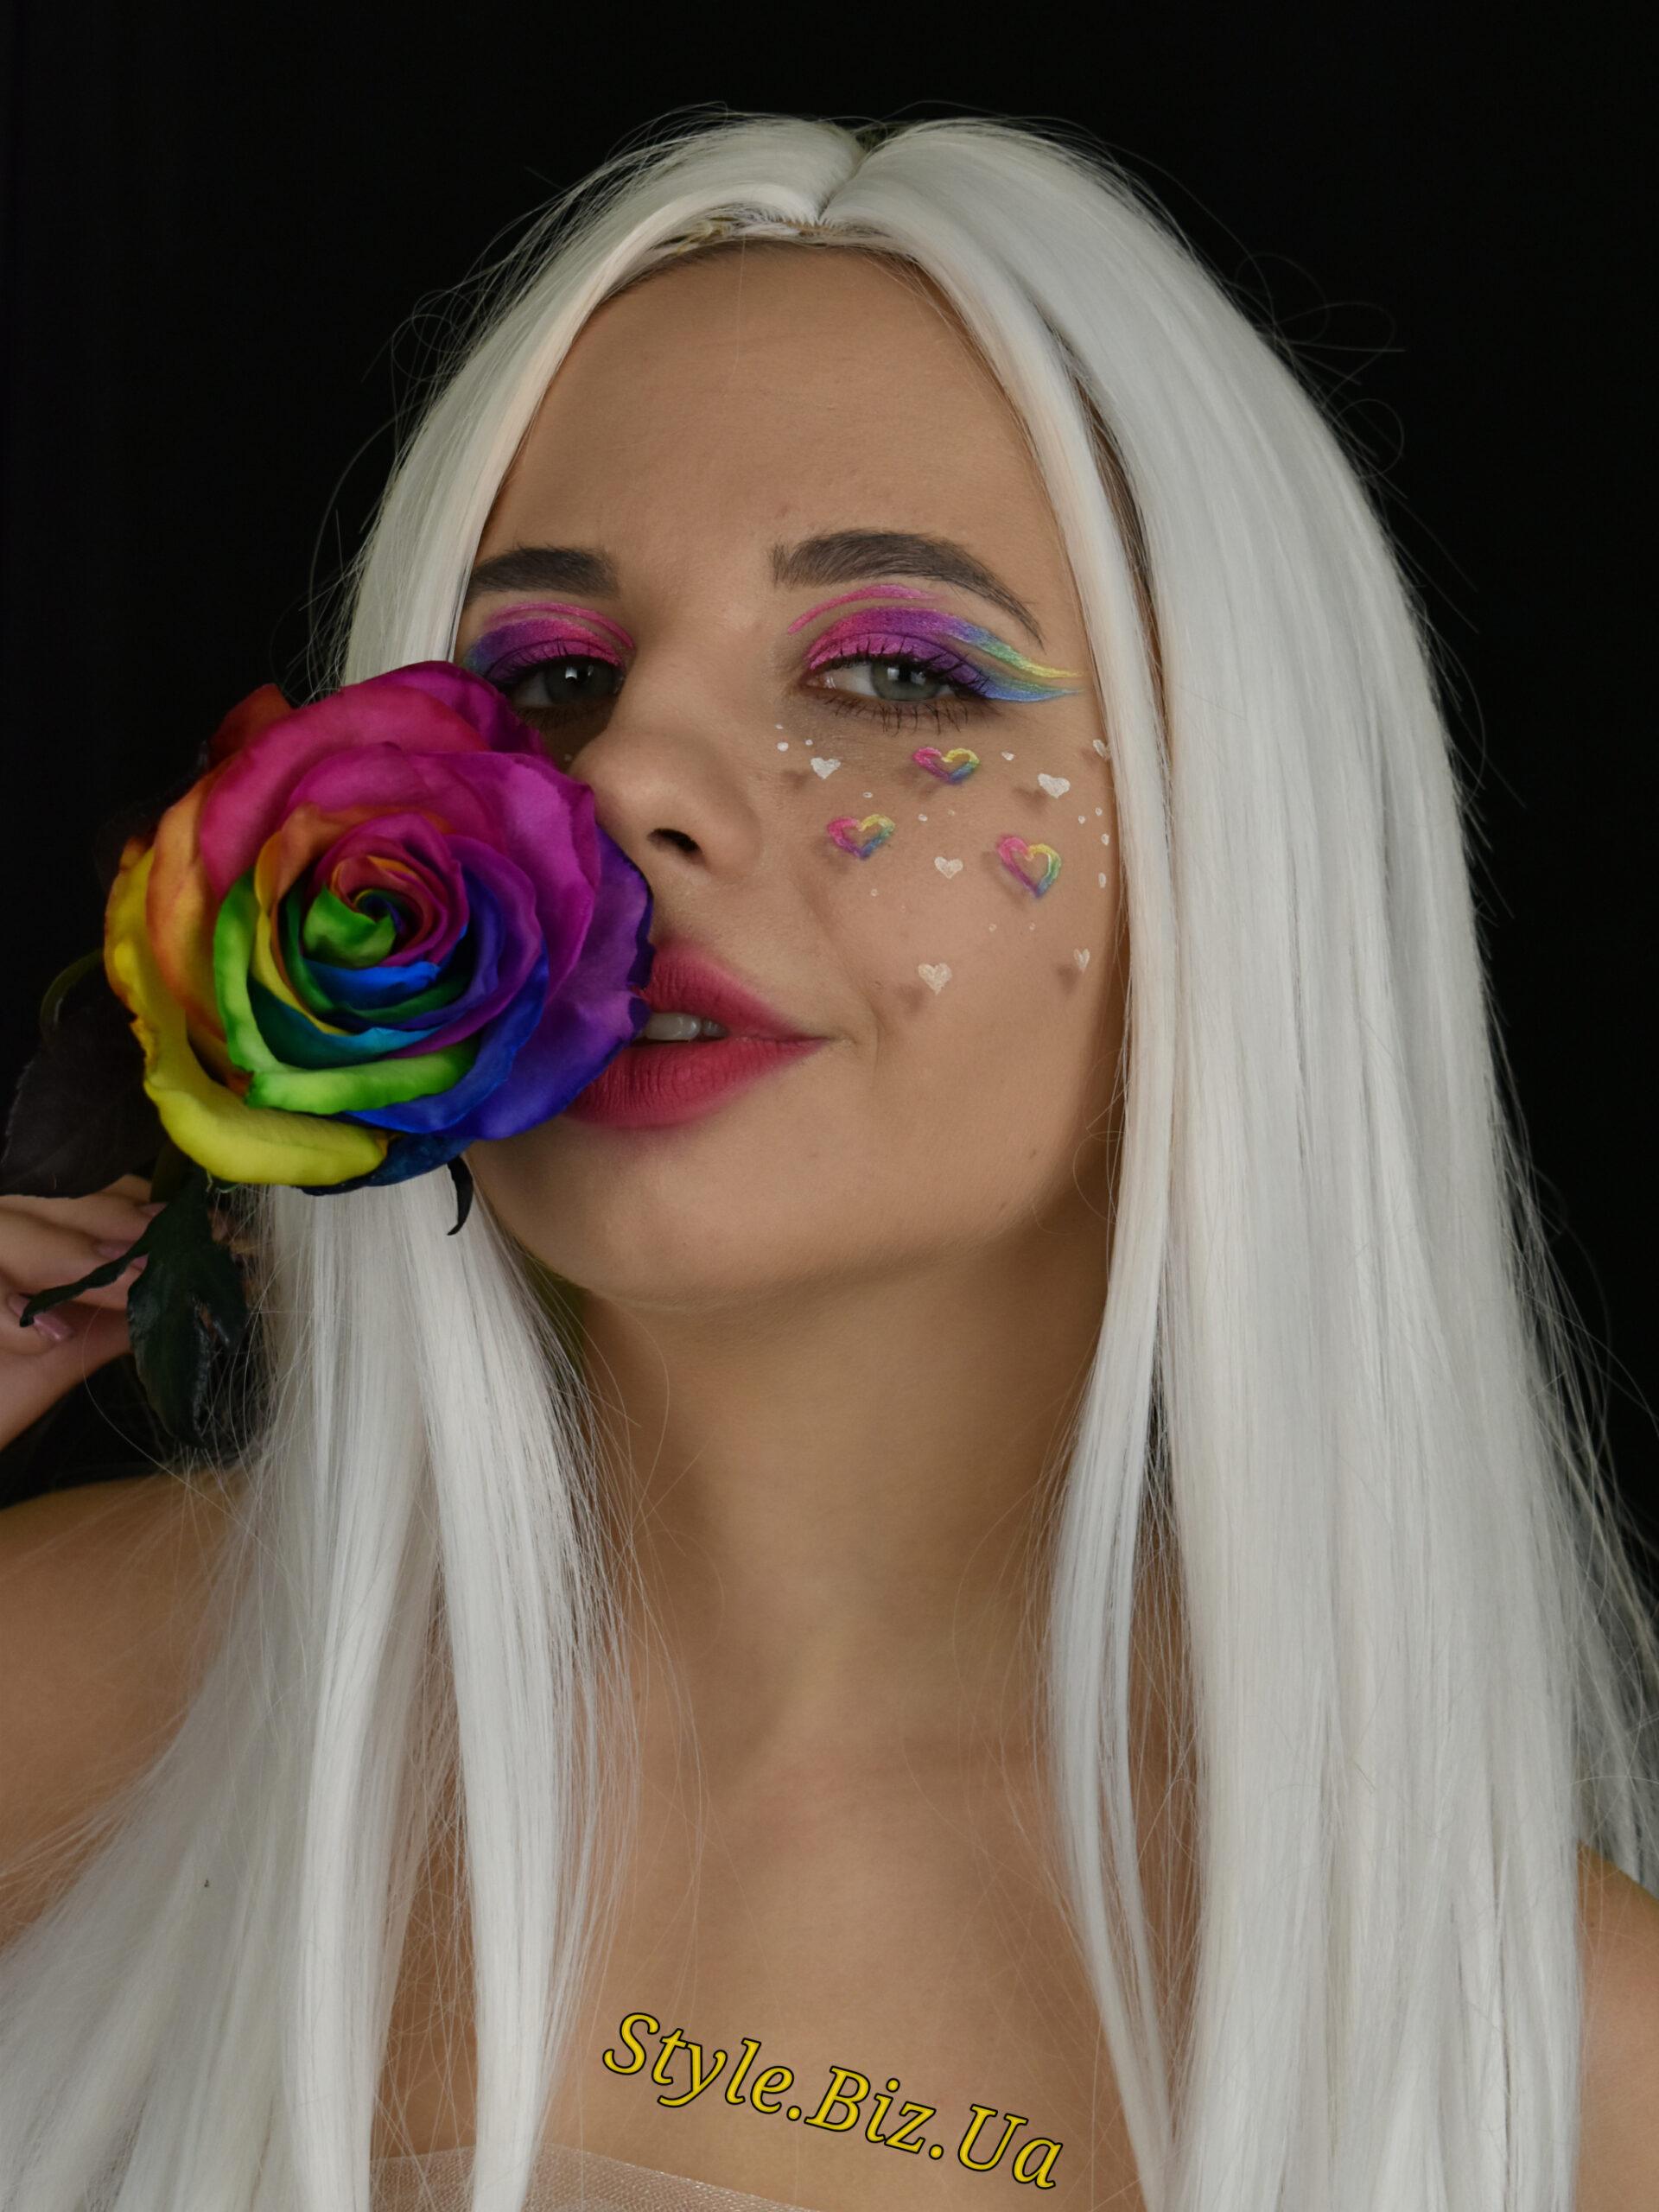 Яркий праздничный макияж и весенняя фотография - разве не праздник жизни?!..